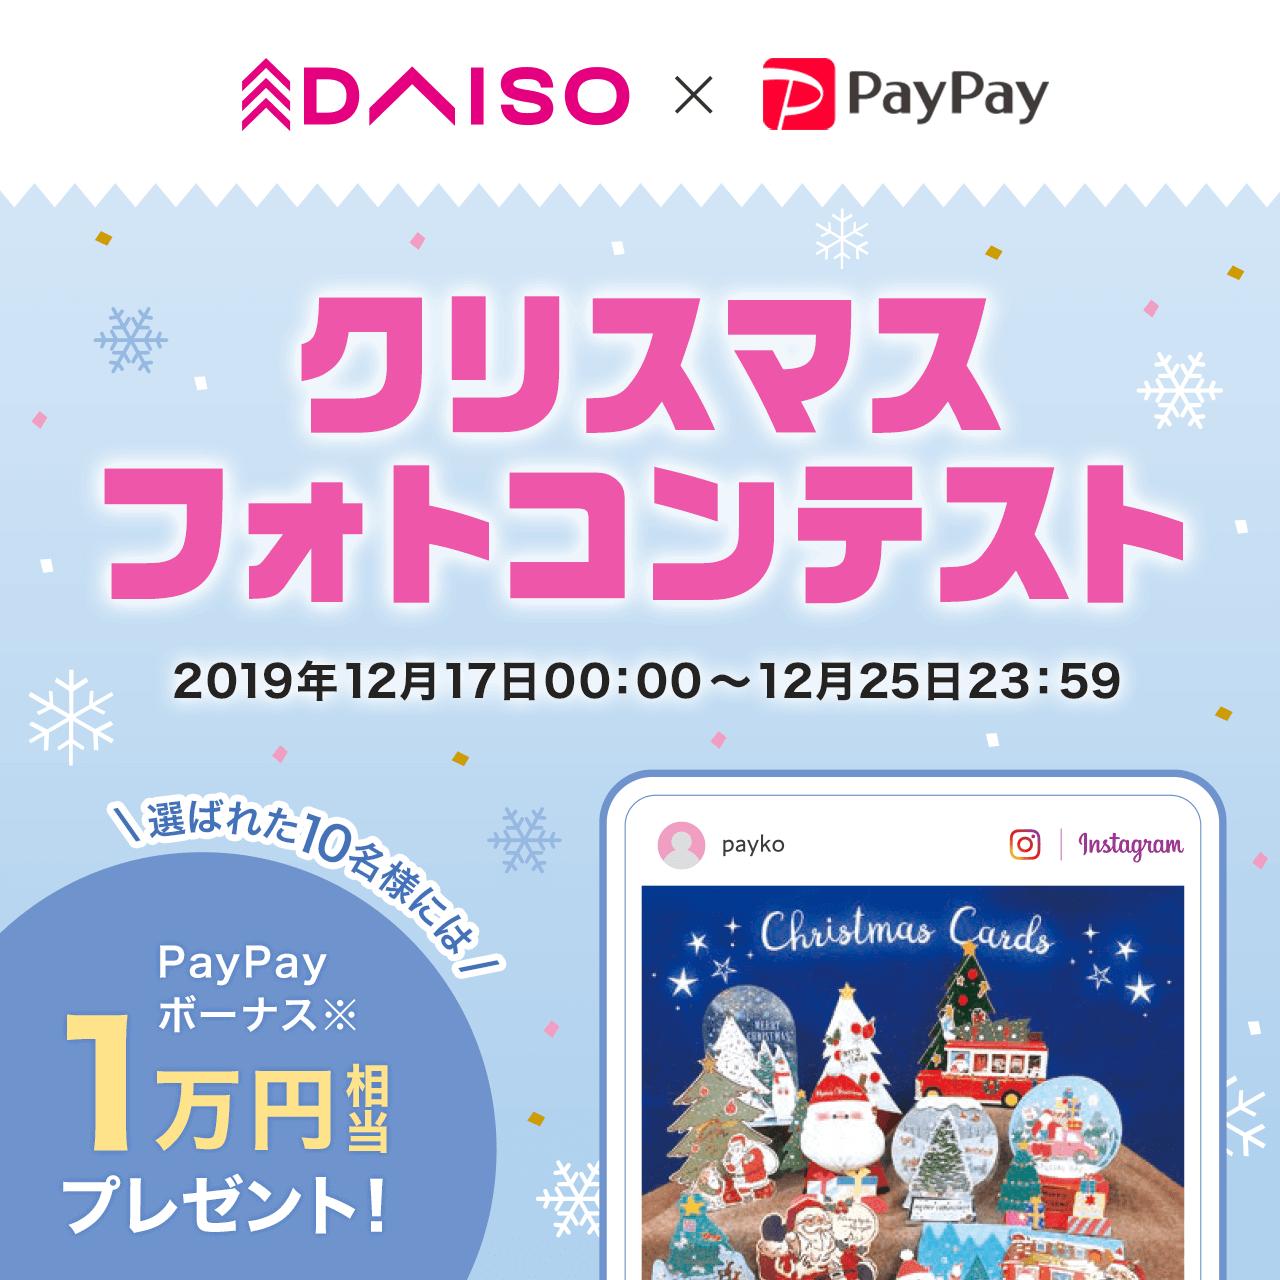 クリスマスフォトコンテスト 選ばれた10名様にはPayPayボーナス1万円相当プレゼント!